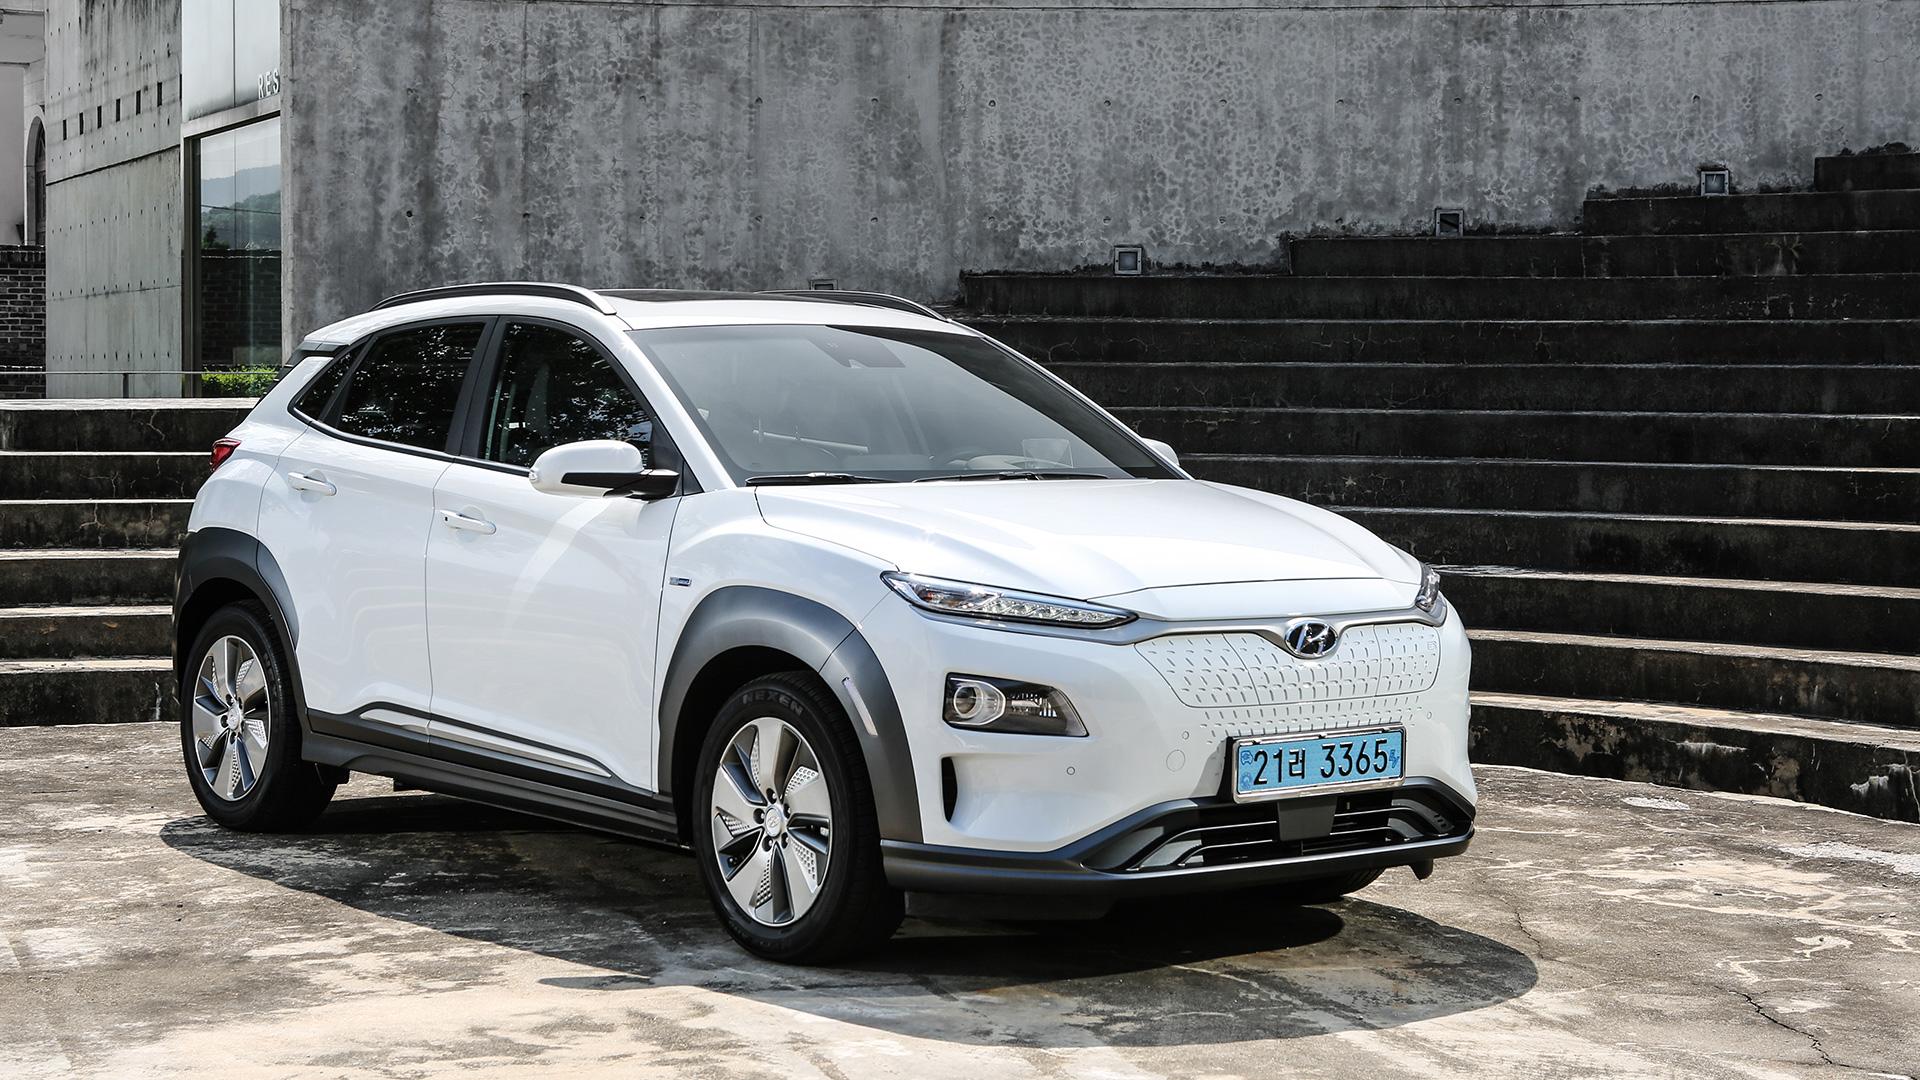 Hyundai Kona 2019 STD